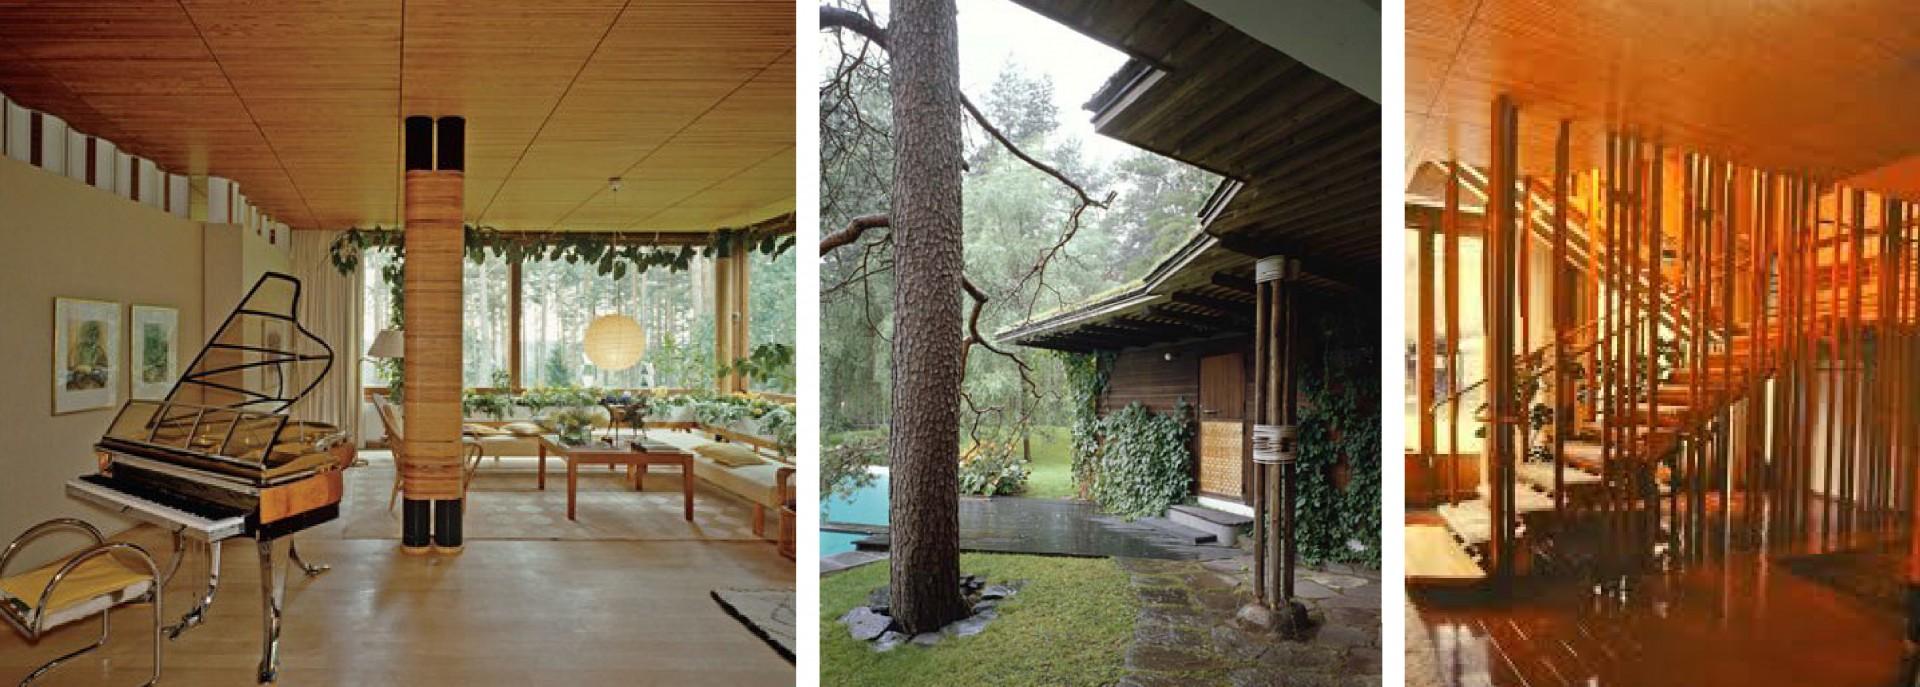 Villa Mairea madera